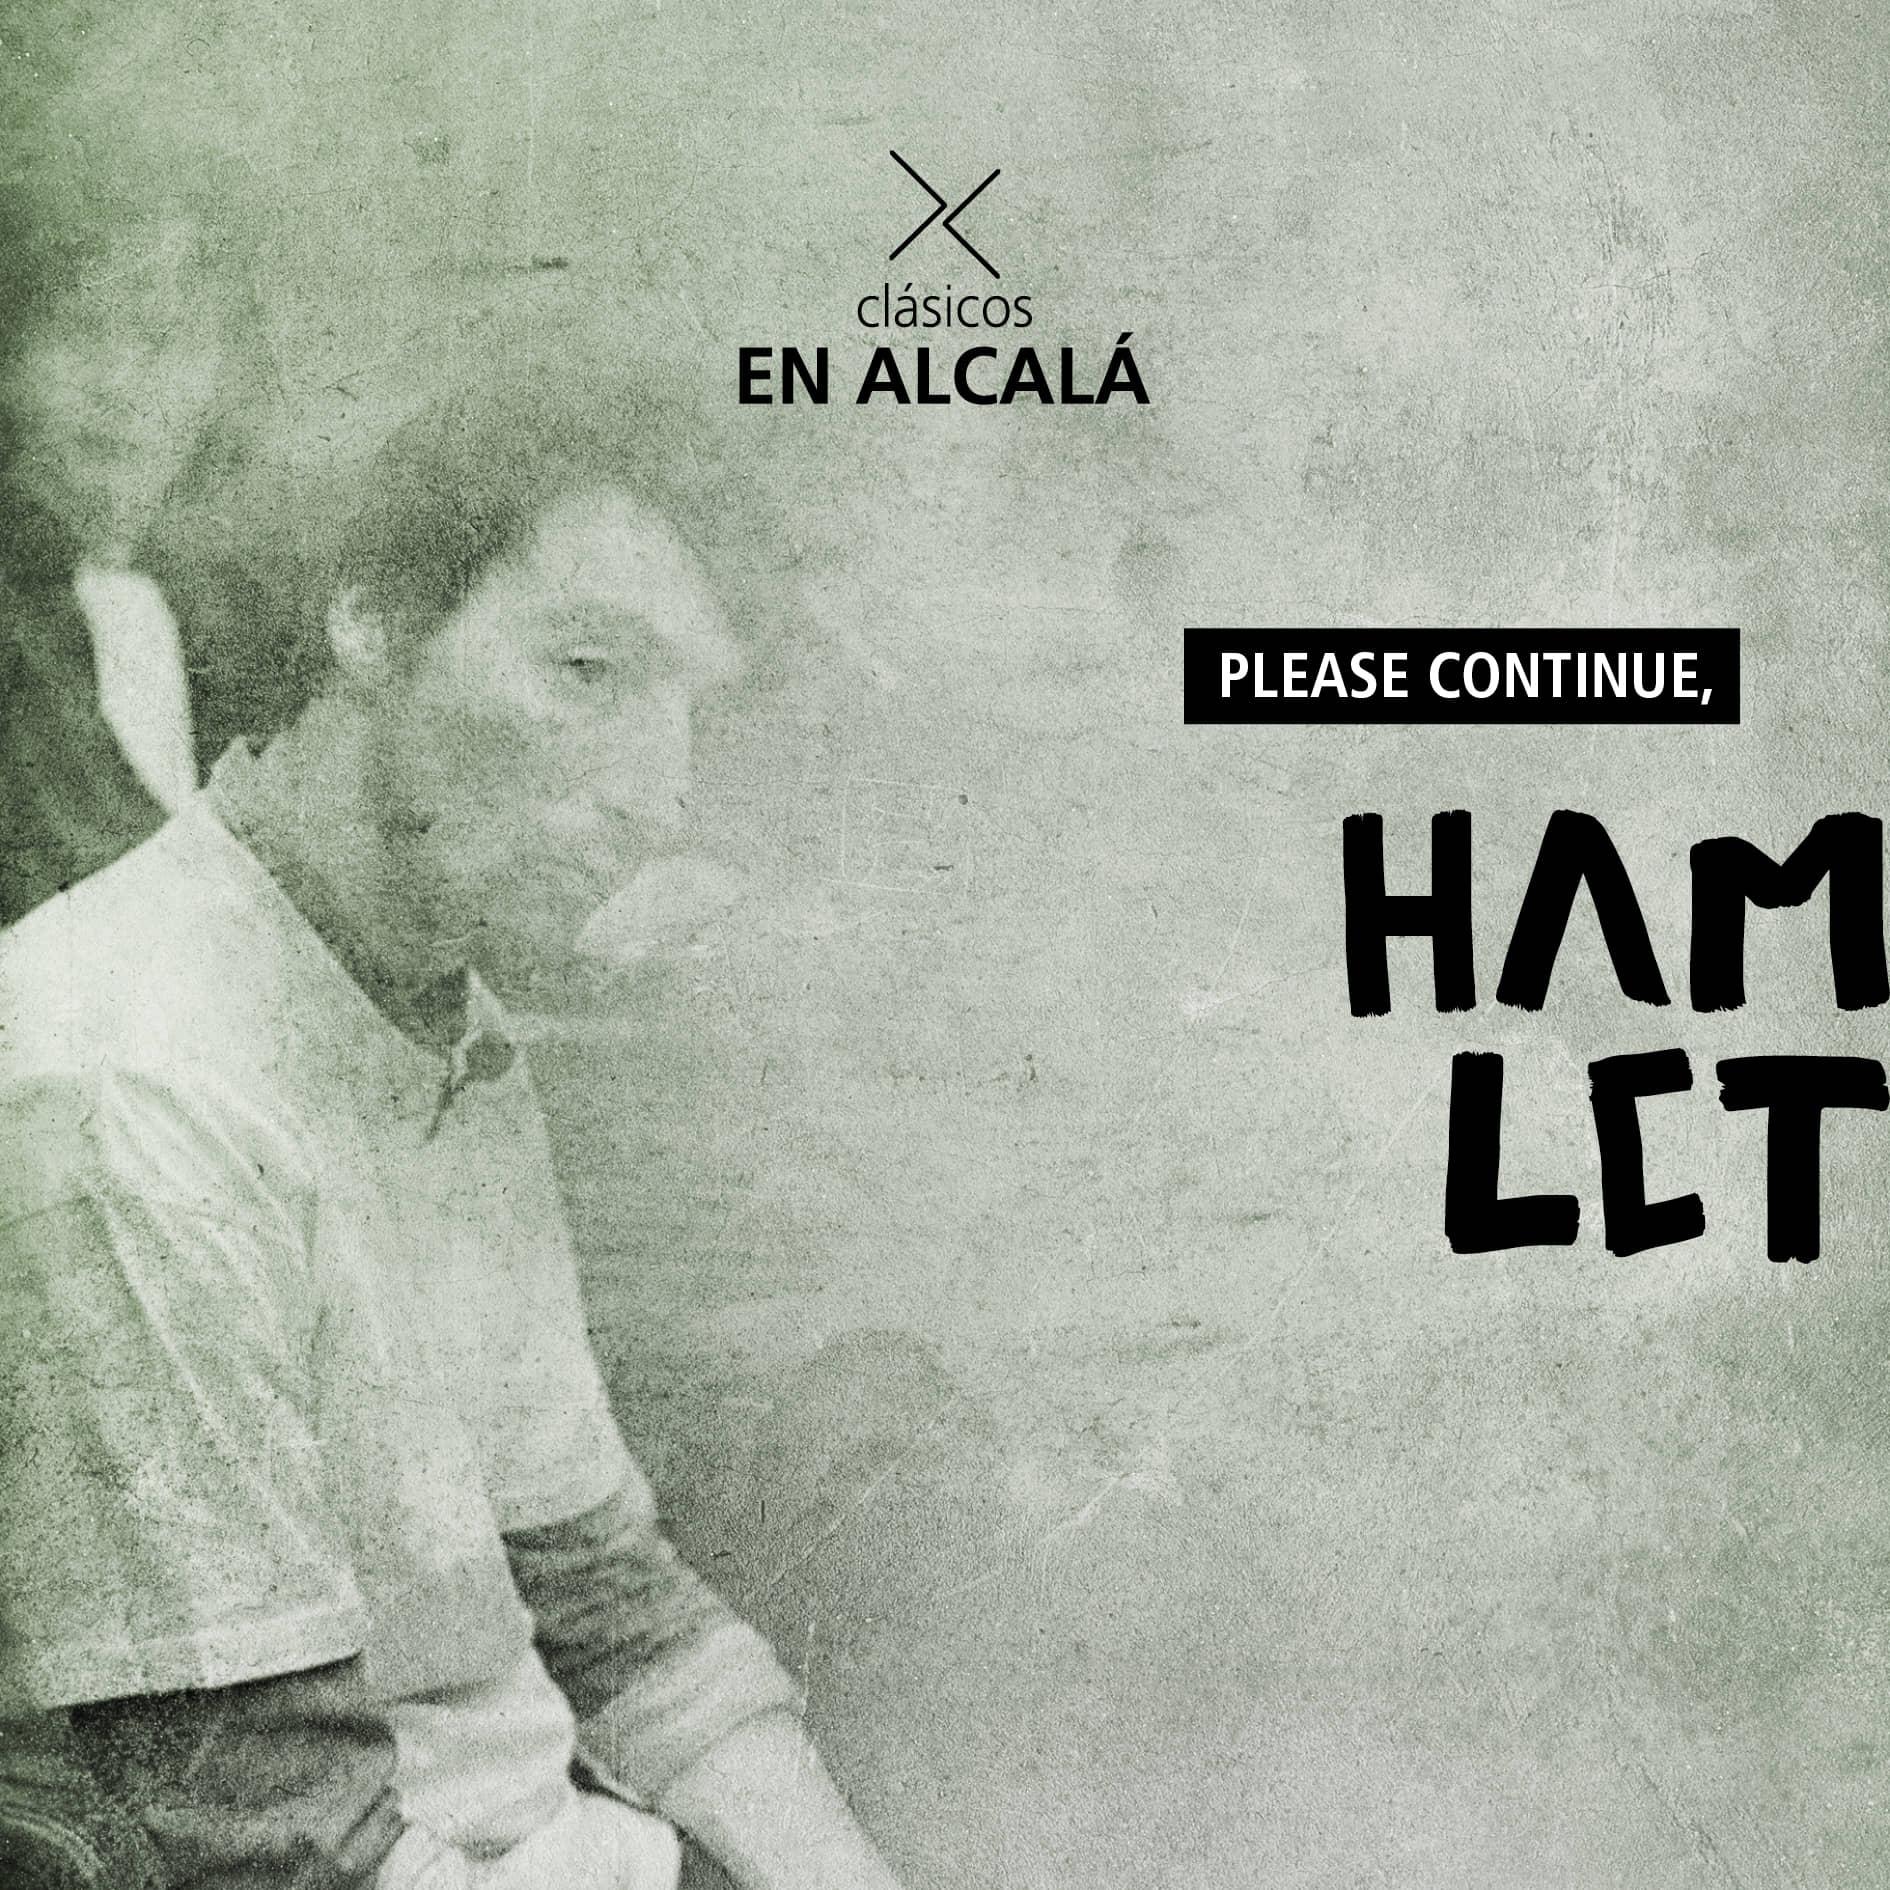 PLEASE CONTINUE, HAMLET